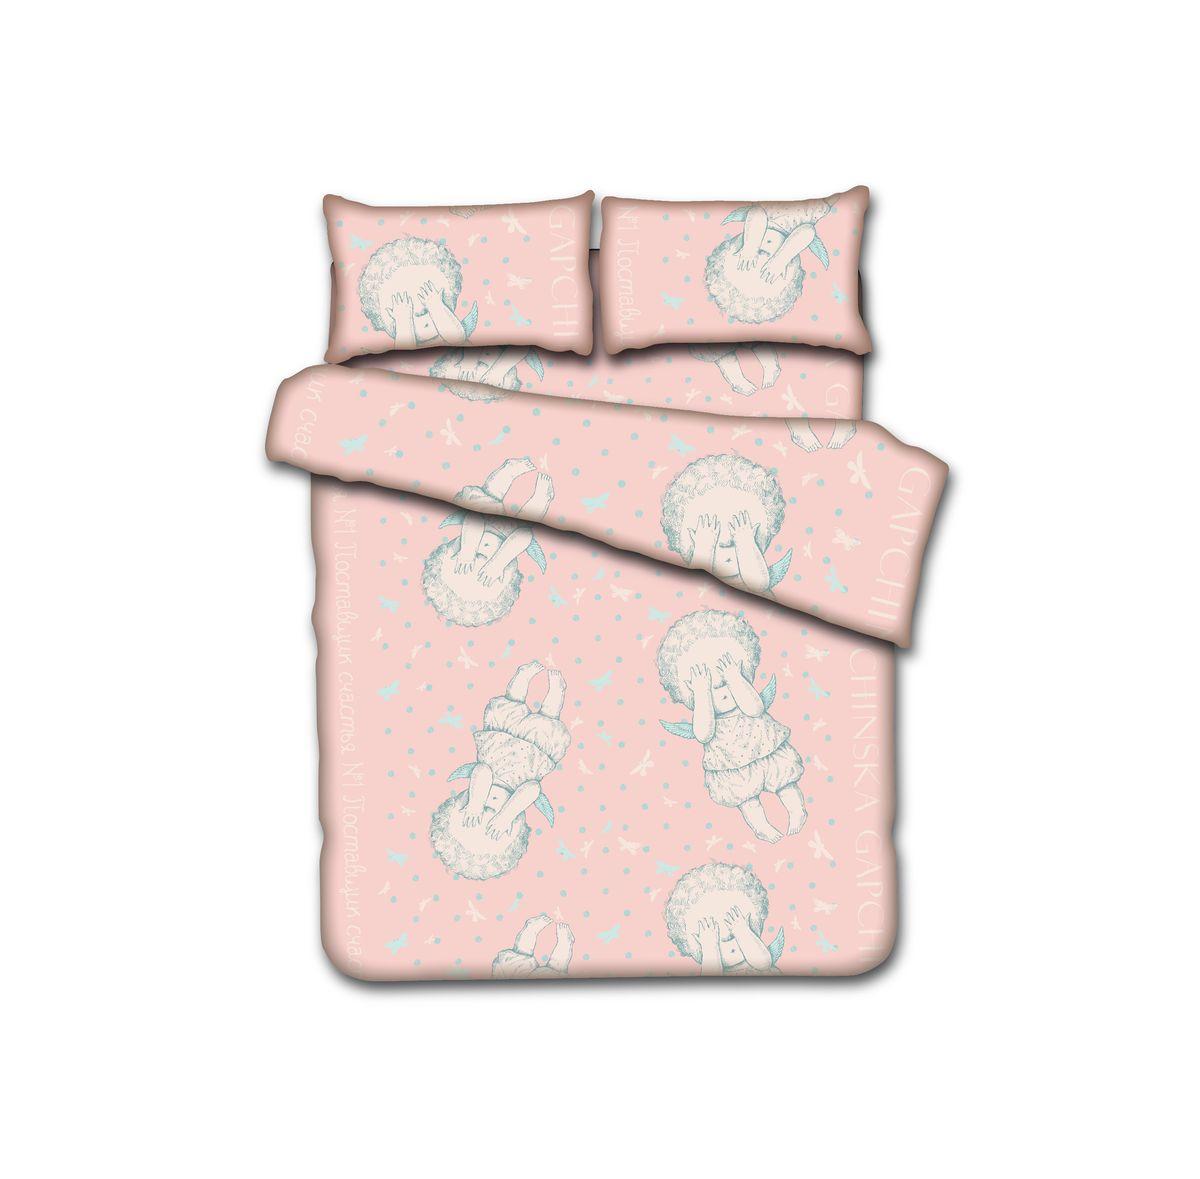 КПБ 1,5сп. GAPCHINSKA, 100% хлопок, диз. Бабочки в моей голове…, цвет - розовый (нав. 50х70см-2шт)БК1,5/Г-БП/50Комплект постельного белья GAPCHINSKA является великолепным подарком с эксклюзивным дизайном от Евгении Гапчинской. В ее рисунки влюблен весь мир, их стиль уникален. Белье выполнено из натурального хлопка.